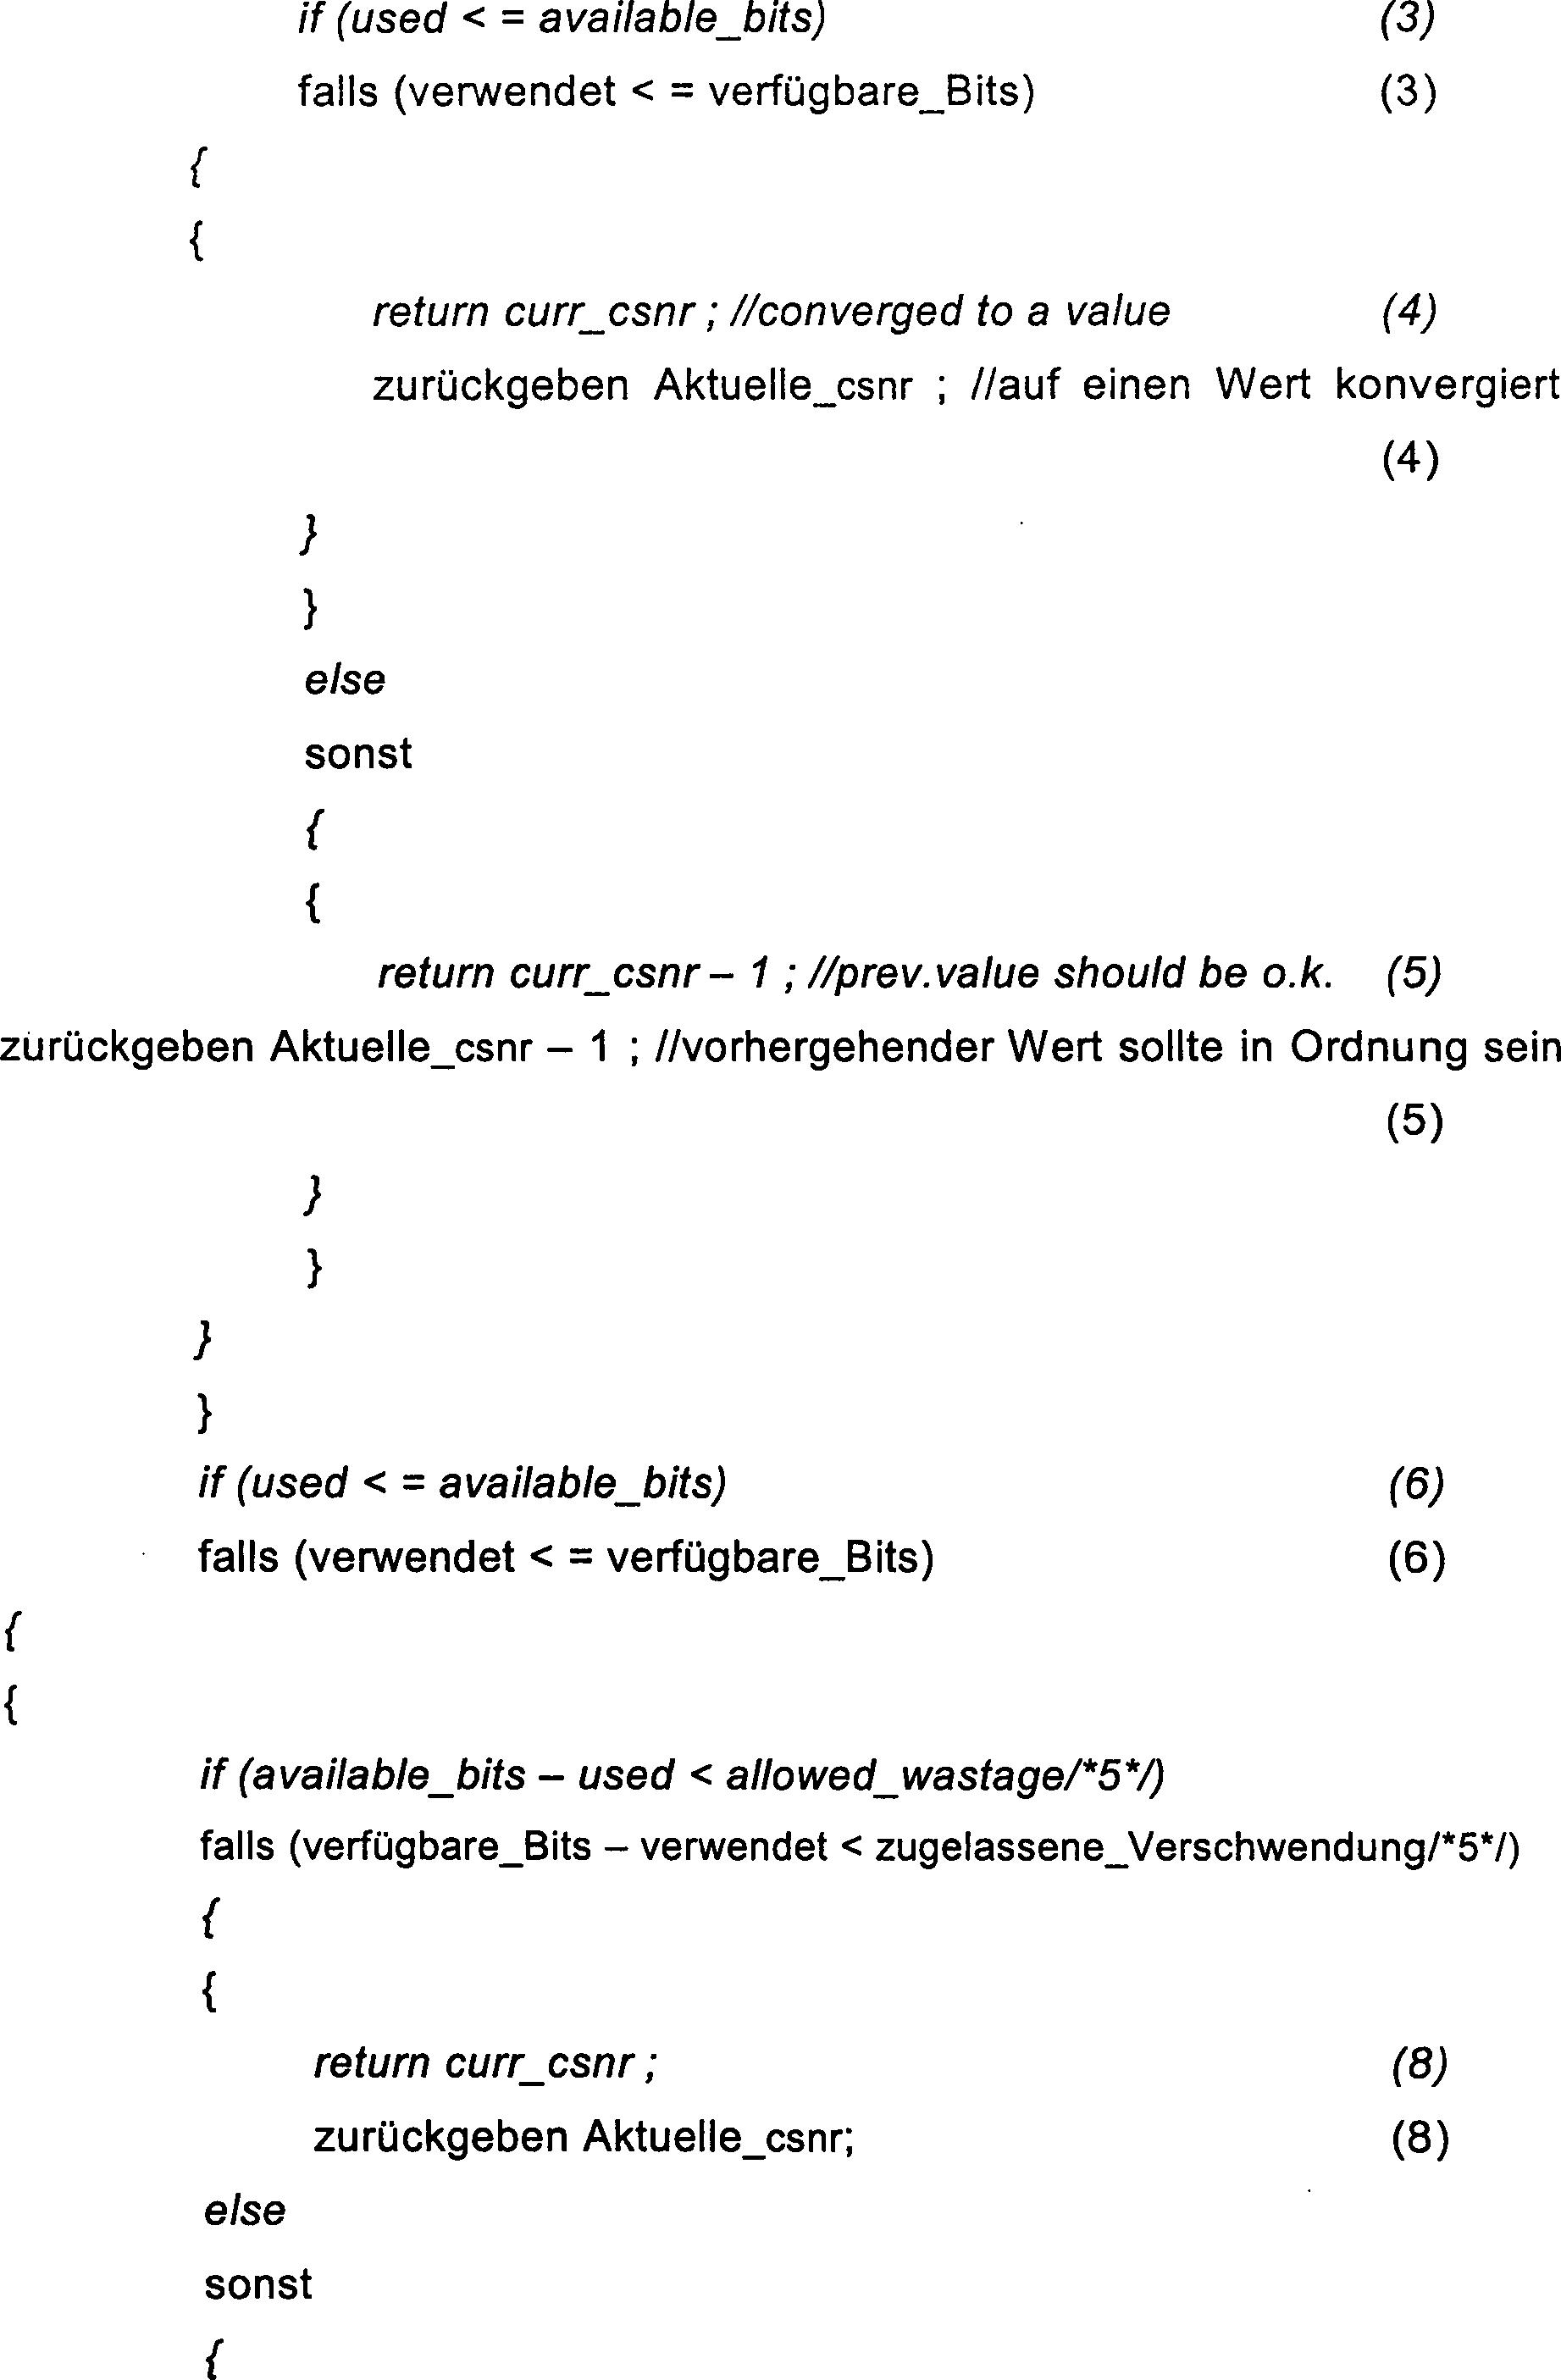 DE69826529T2 - Schnelle datenrahmen-optimierung in einem audio ...